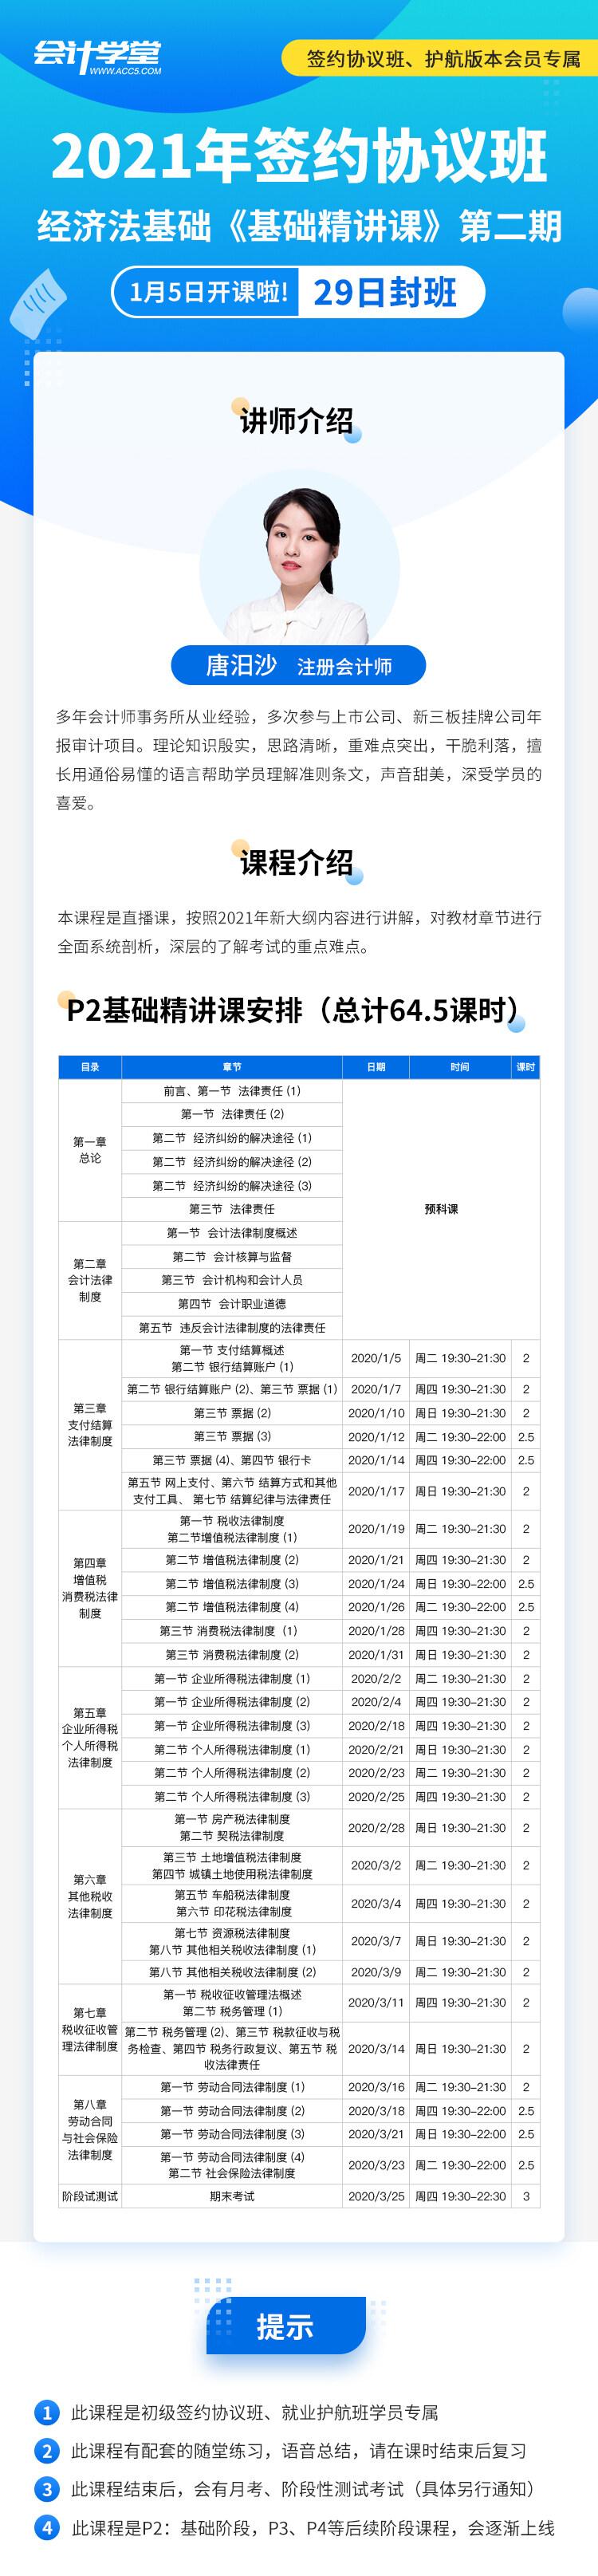 2021年初级协议班《经济法基础》第二期-唐汨沙(3).jpg